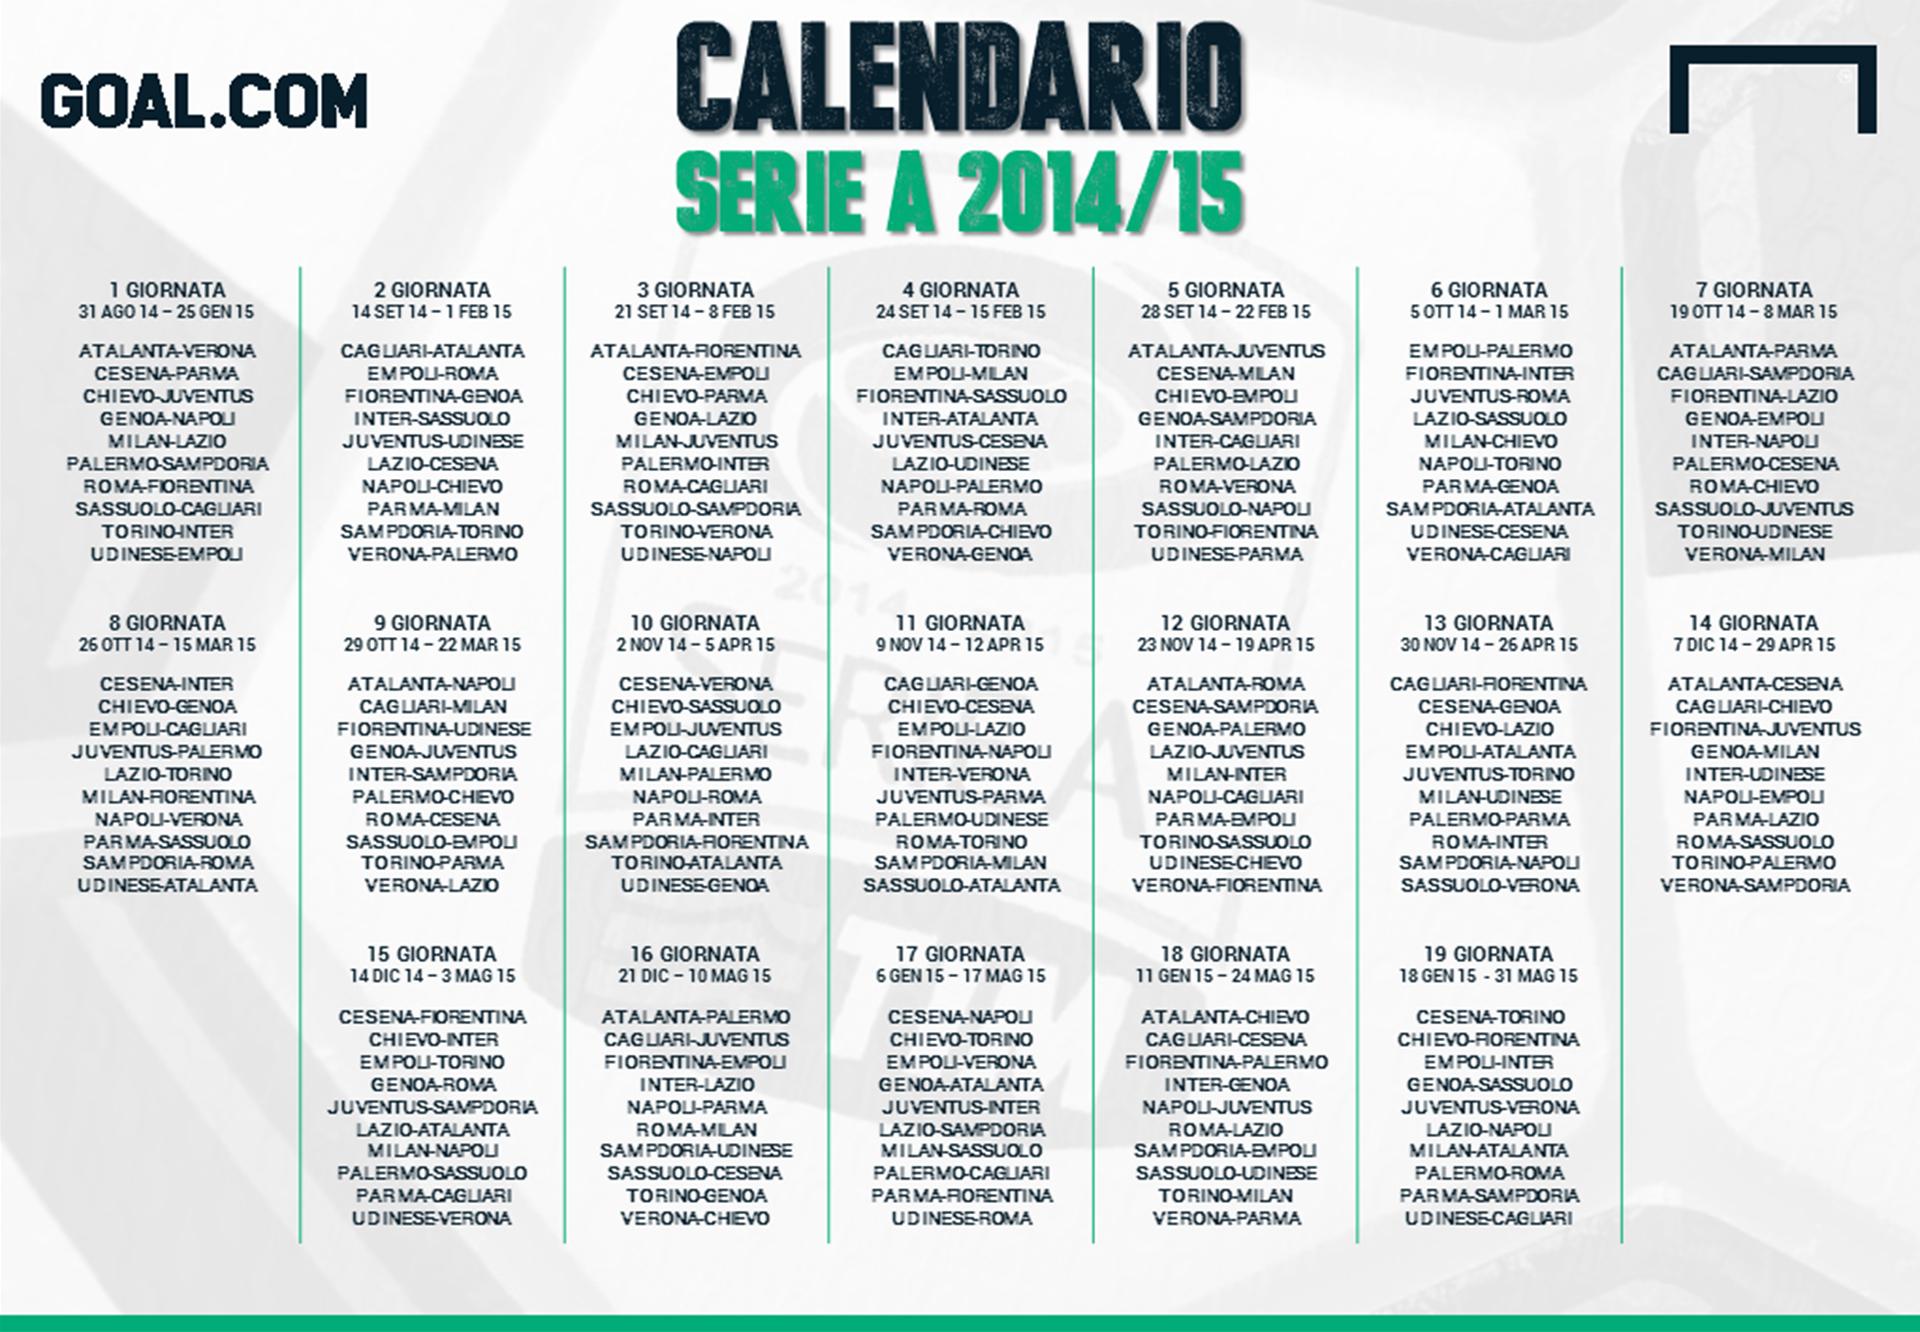 Calendario Serie A 11 Giornata.Calendario Serie A 2014 2015 Goal Com